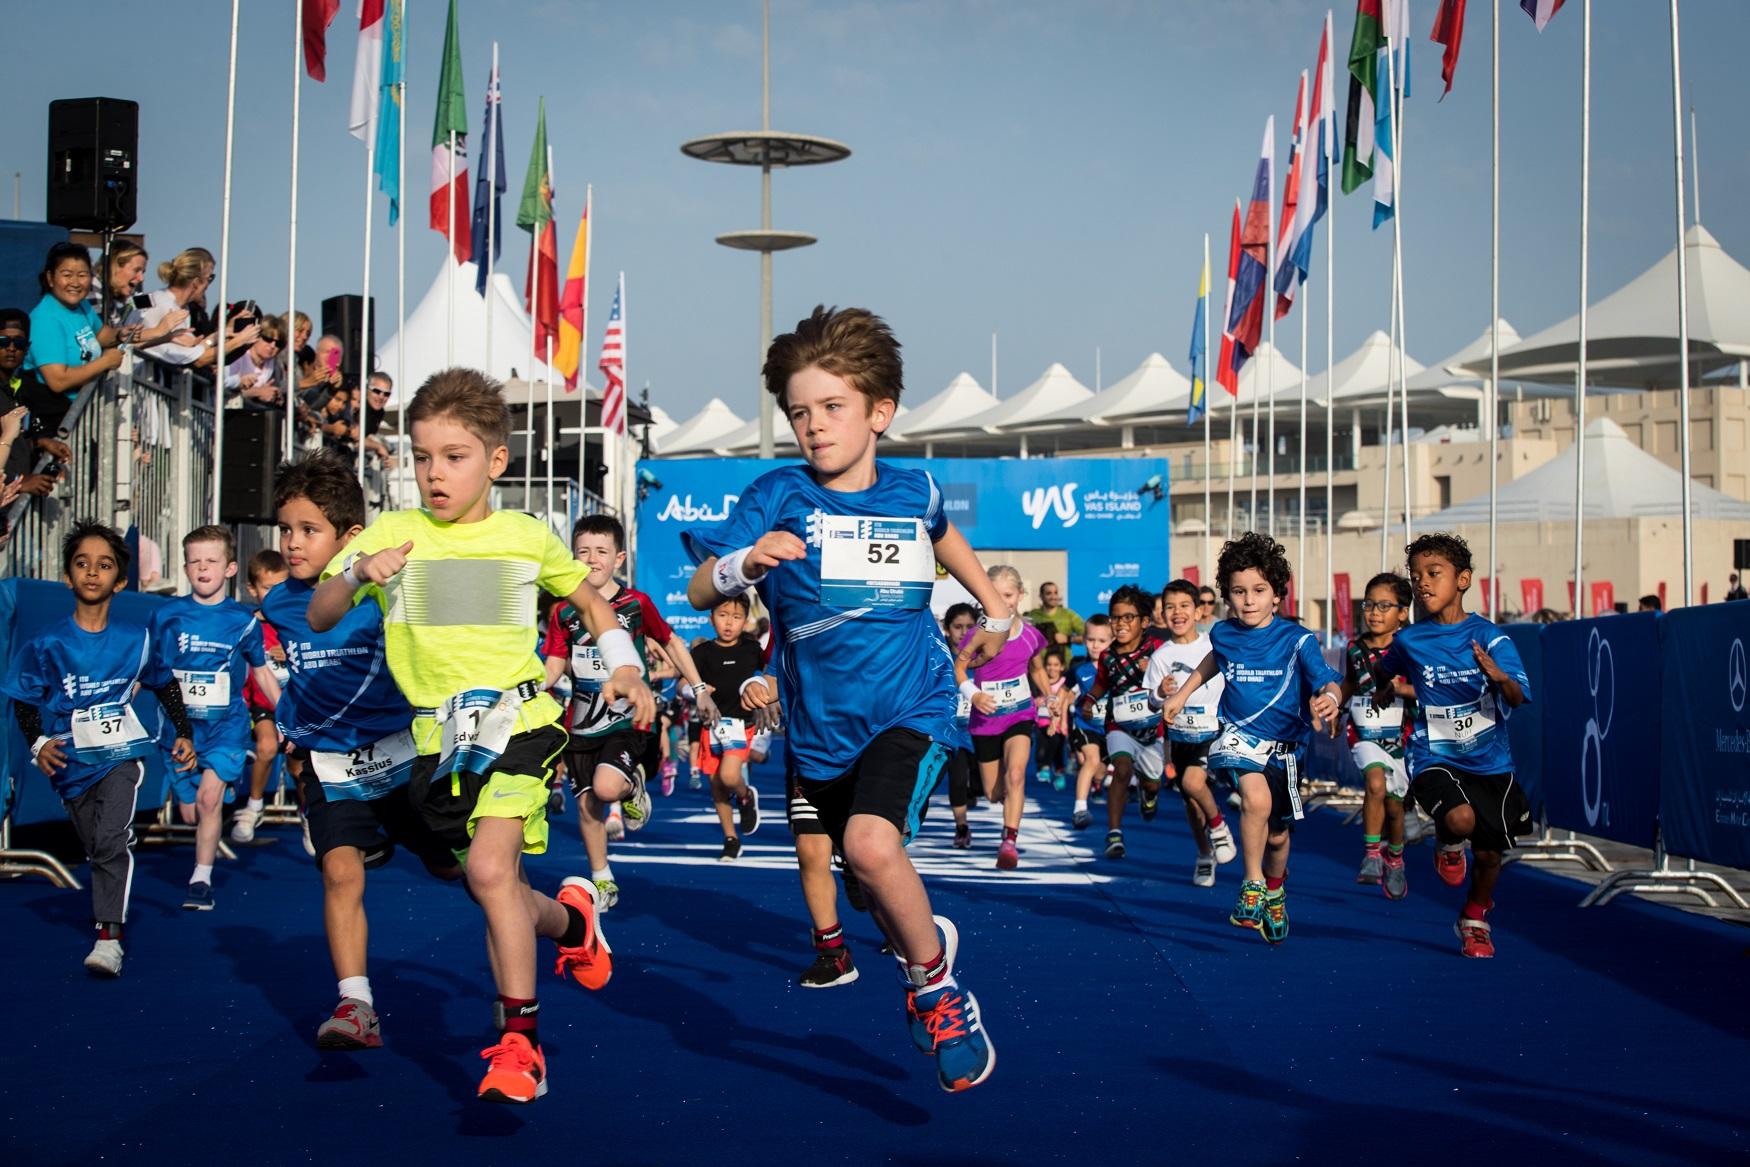 The ITU World Triathlon Abu Dhabi 2018 will see the return of the Junior Triathlon